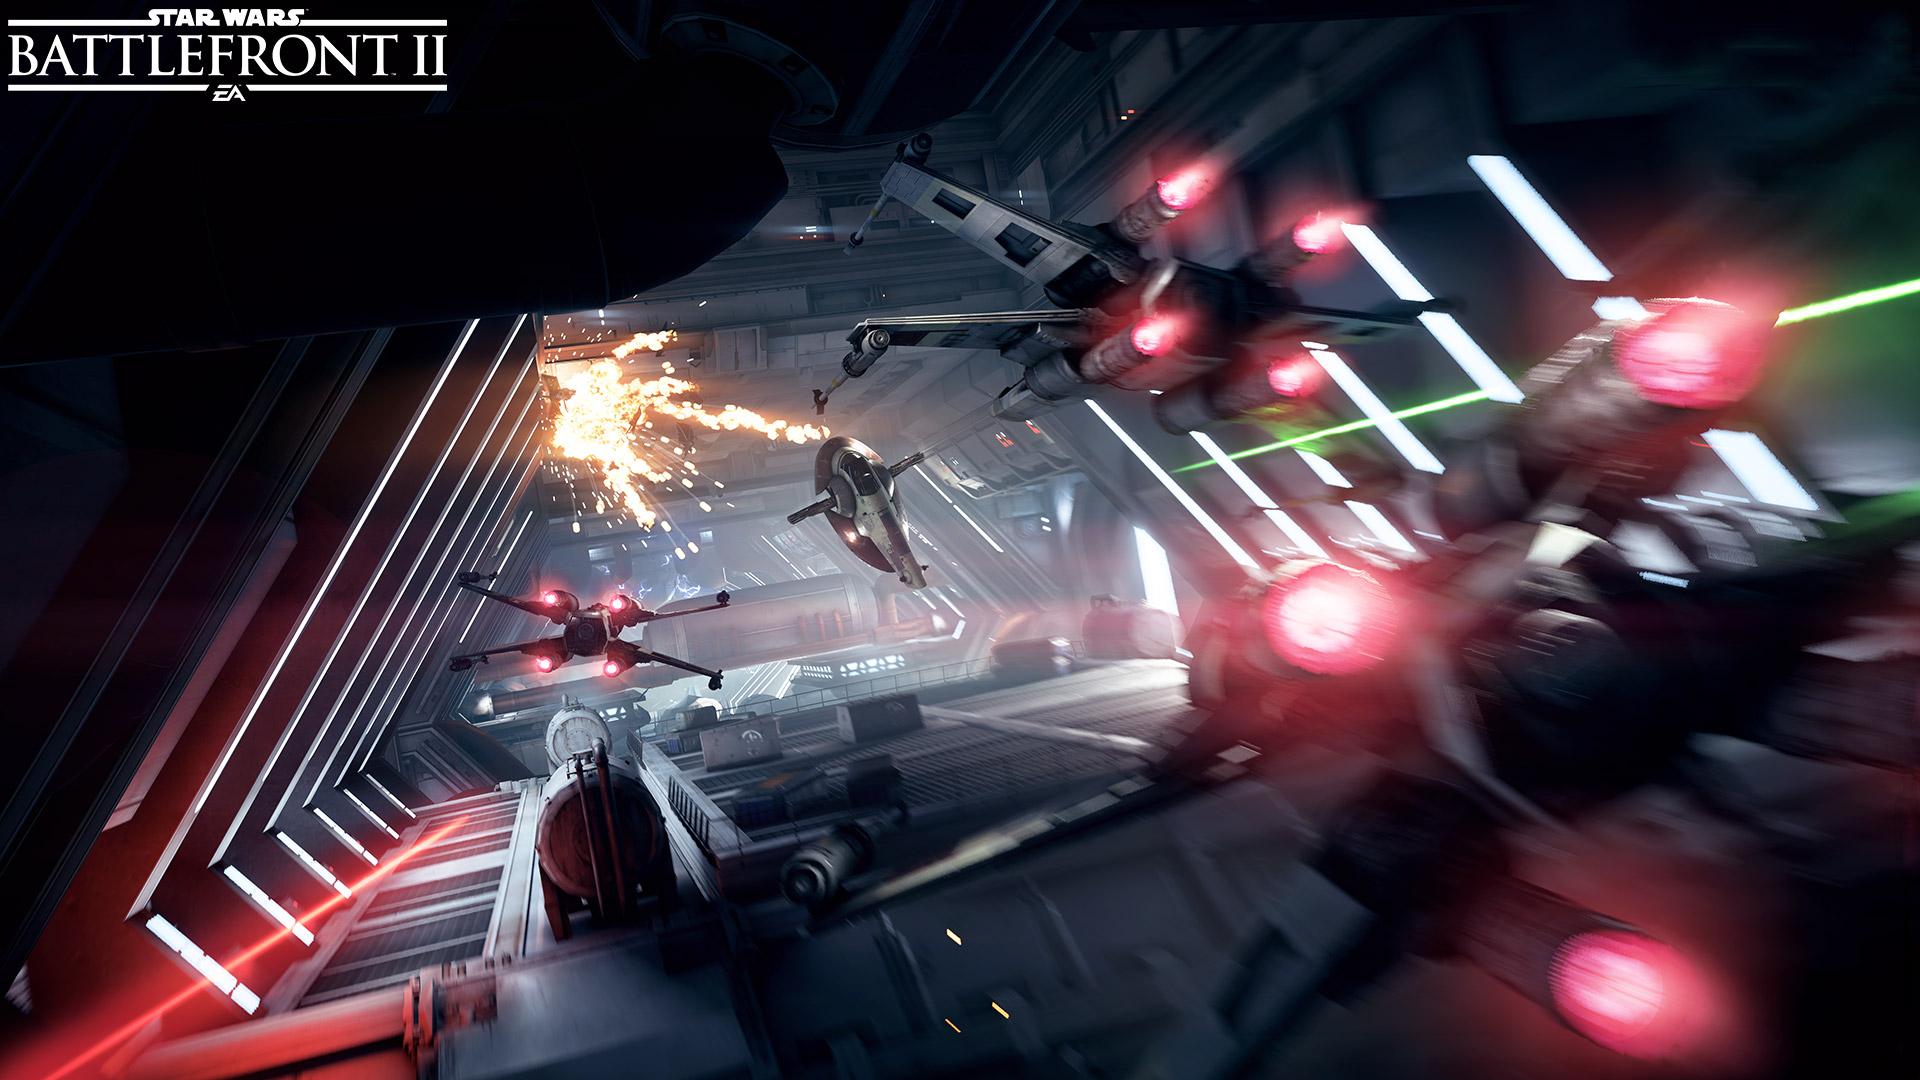 Star Wars Battlefront 2 Wallpaper 1 Wallpapersbq